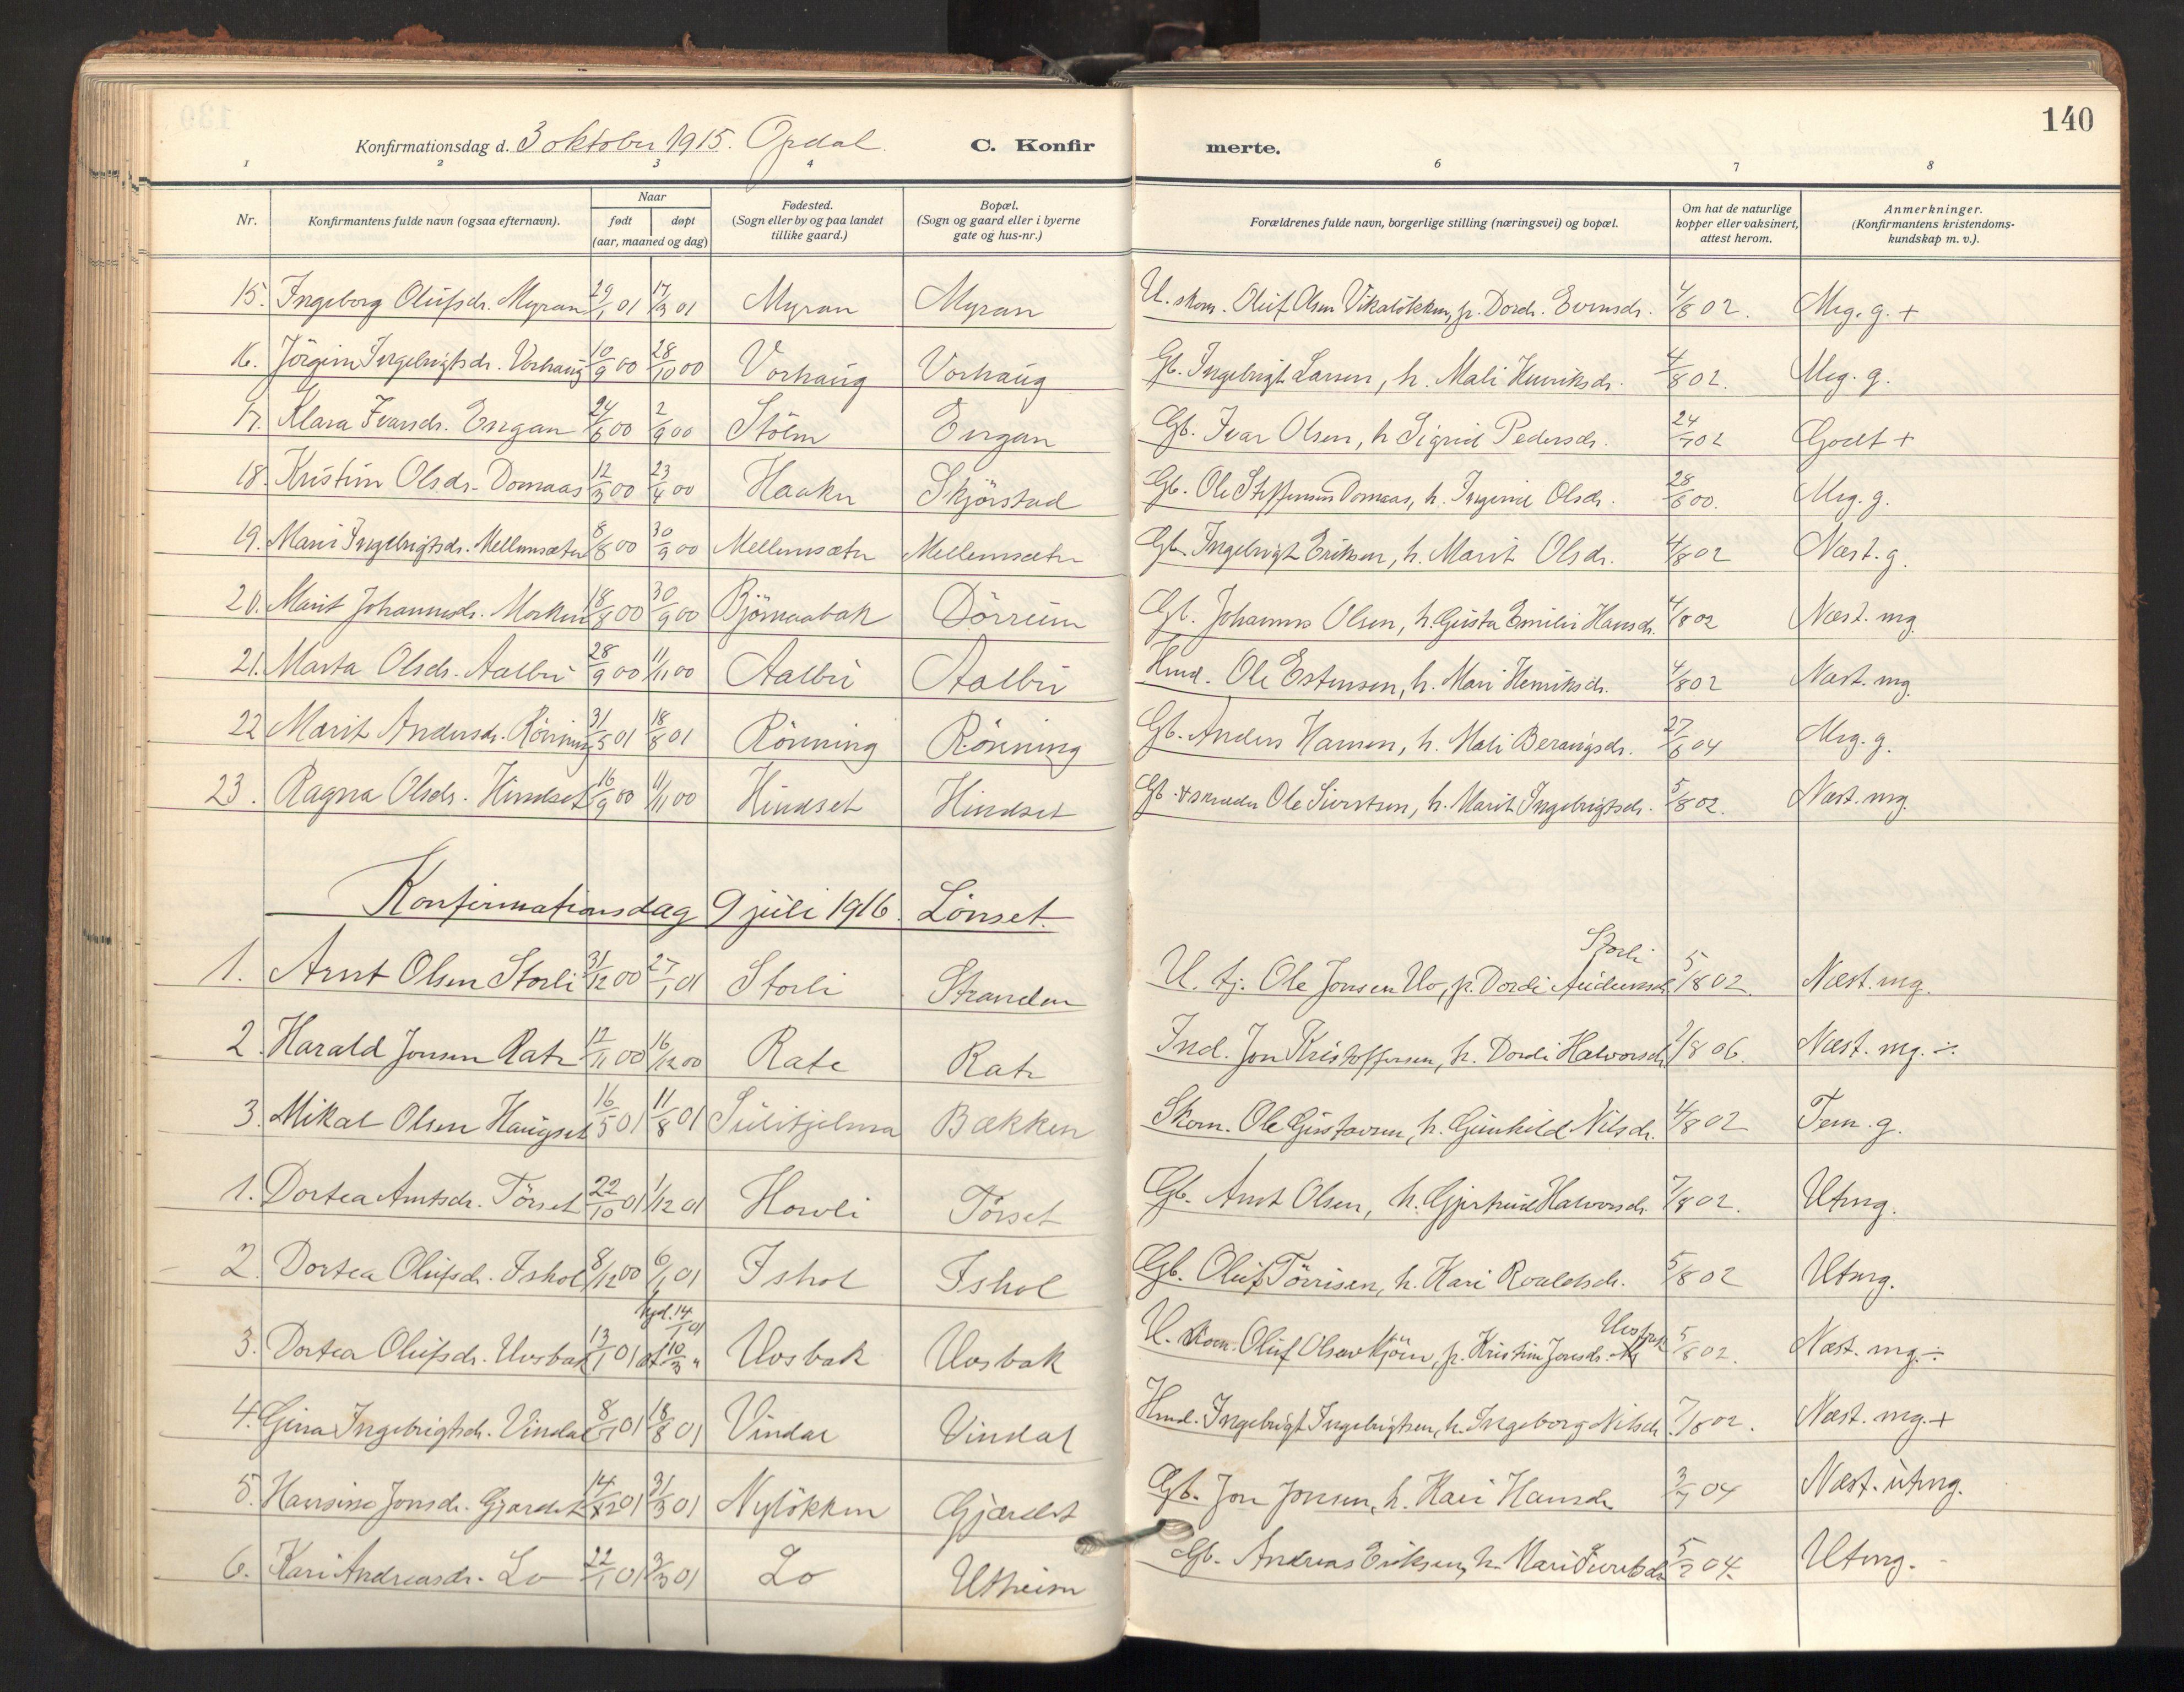 SAT, Ministerialprotokoller, klokkerbøker og fødselsregistre - Sør-Trøndelag, 678/L0909: Ministerialbok nr. 678A17, 1912-1930, s. 140